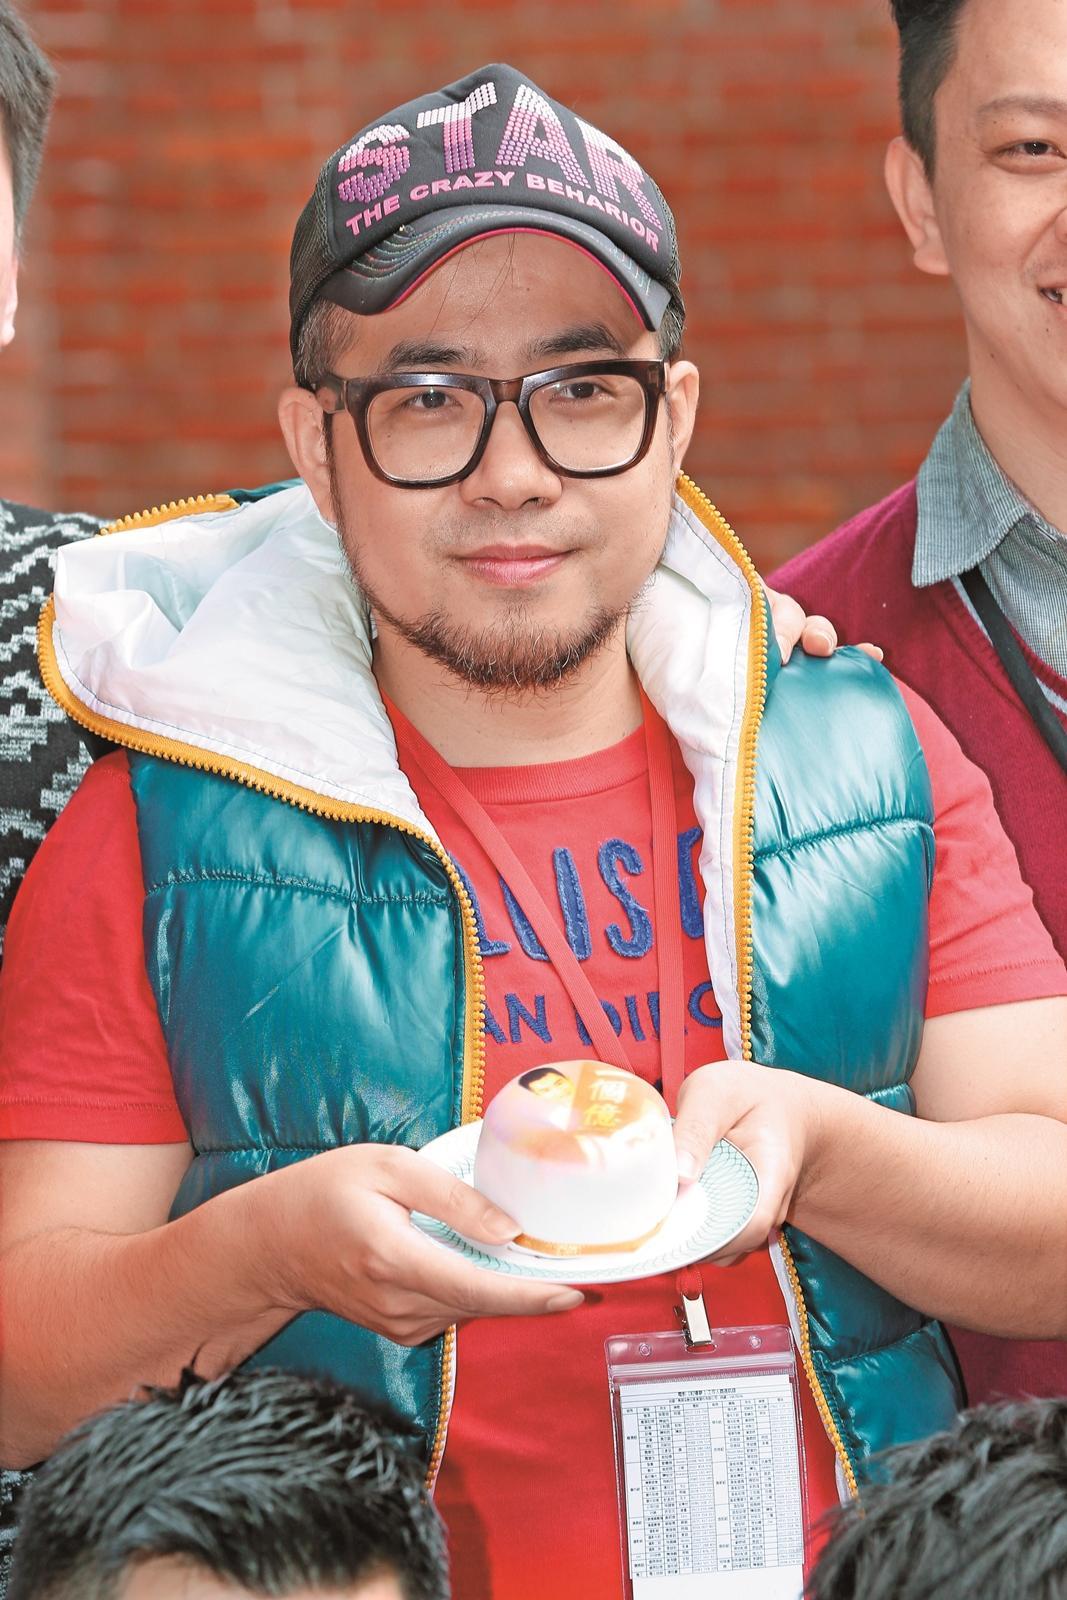 導演吳星翔面對爭議,認為電影只是真實呈現部分同志的生活。